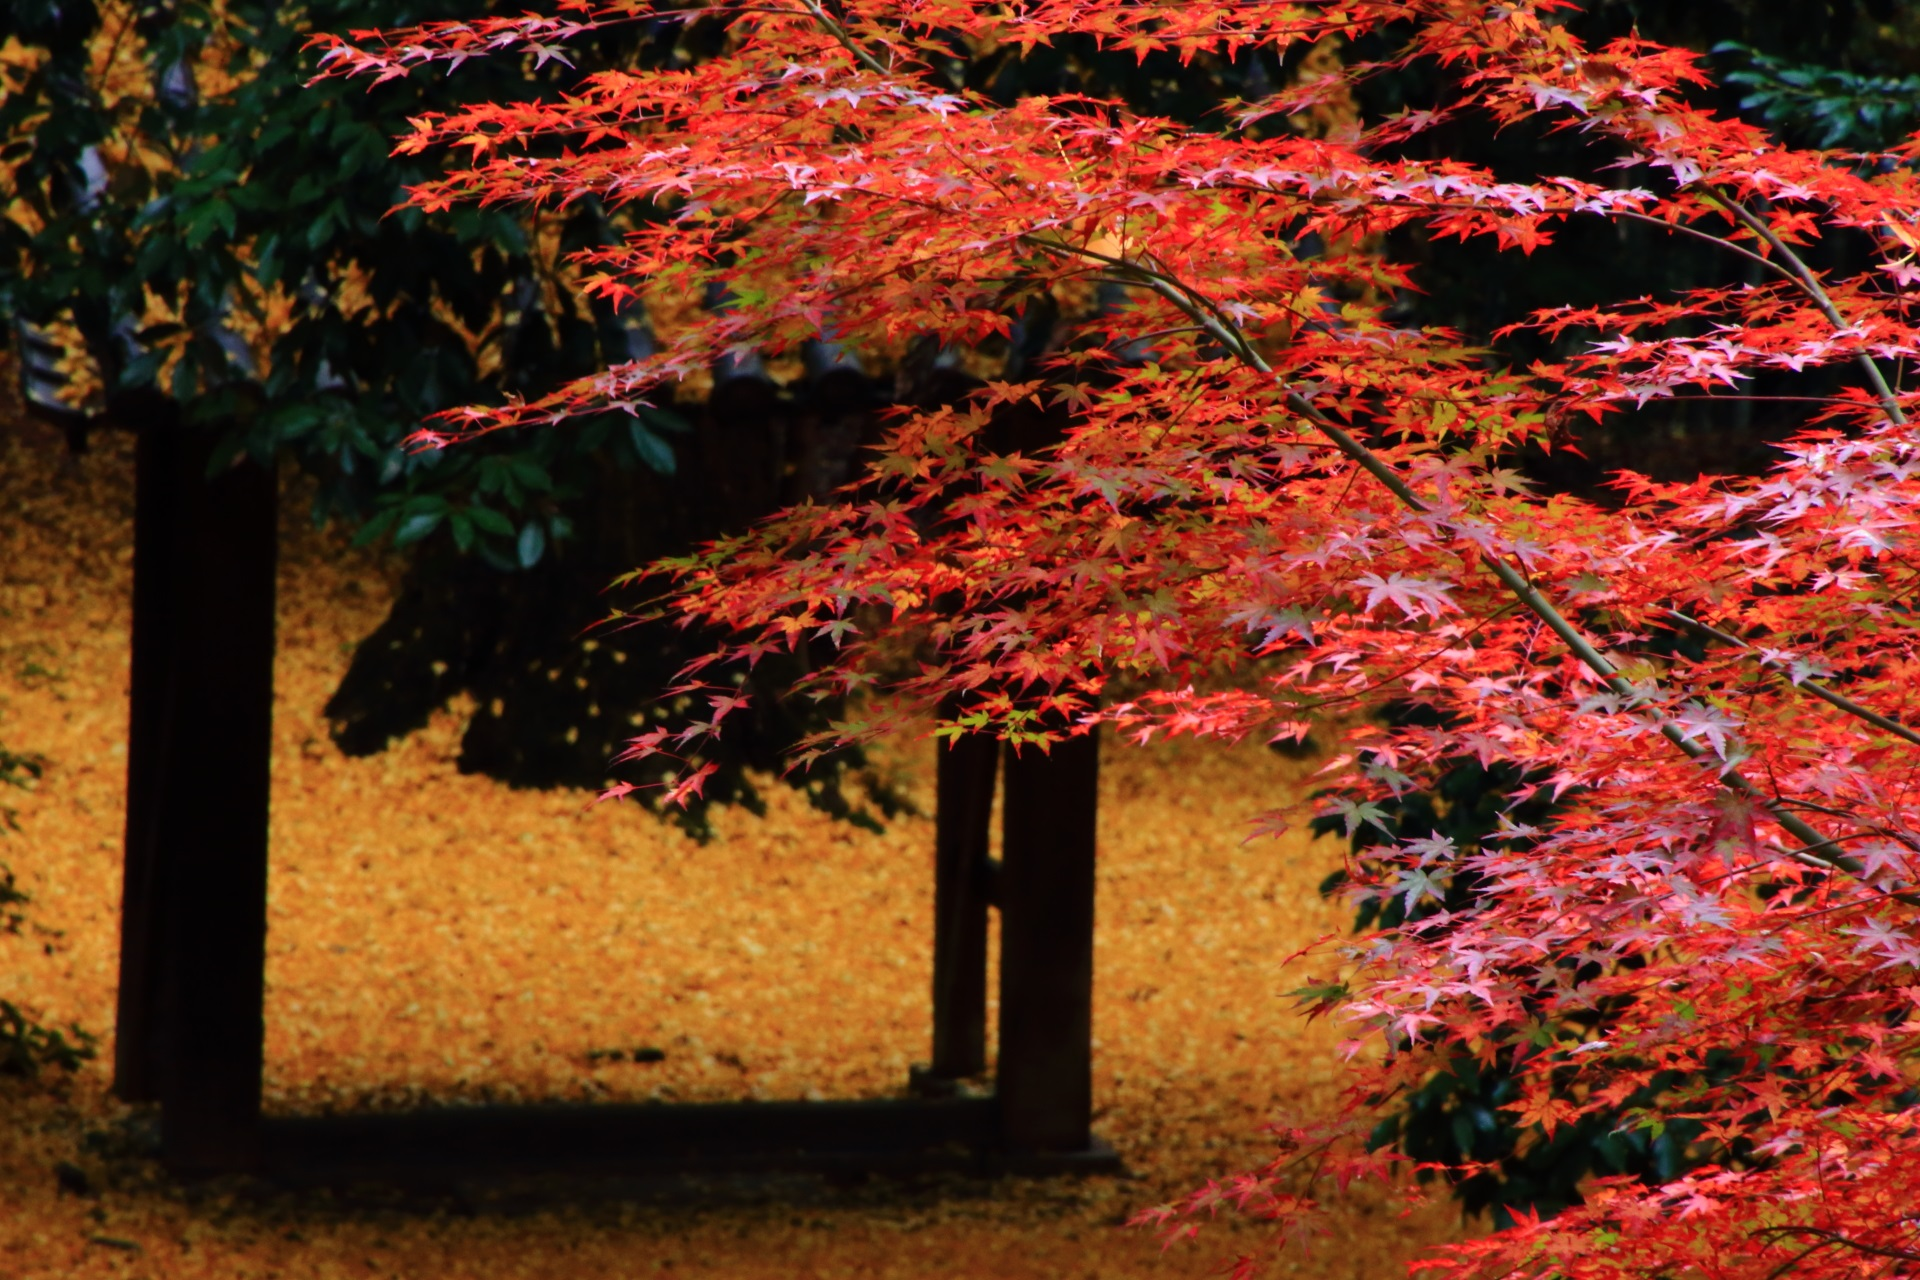 紅葉と散り銀杏の秋色のコラボ